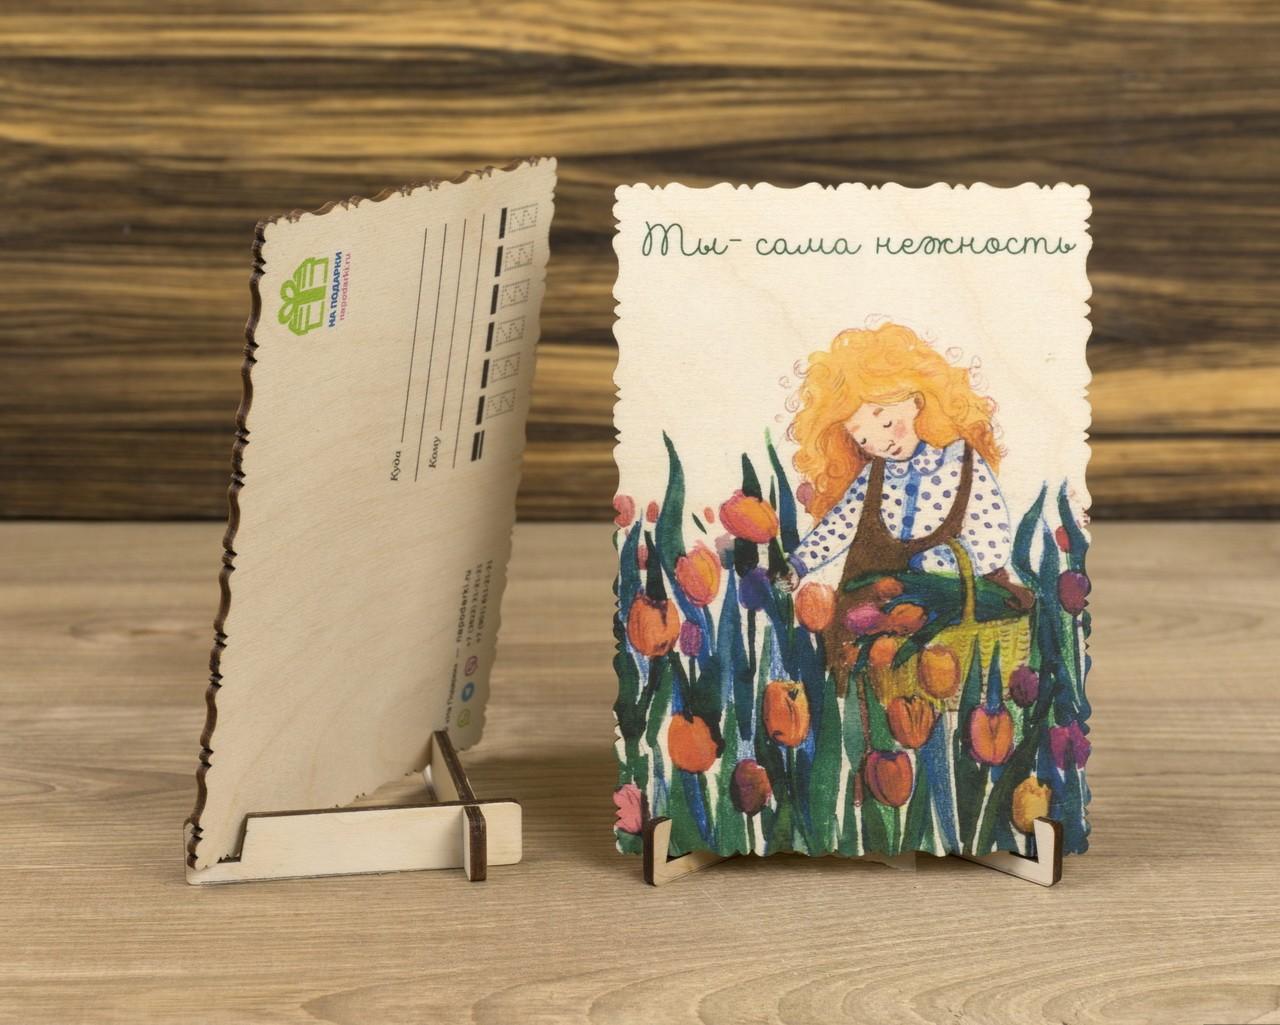 """Деревянная открытка """"Ты - сама нежность"""" Анны Турченко"""